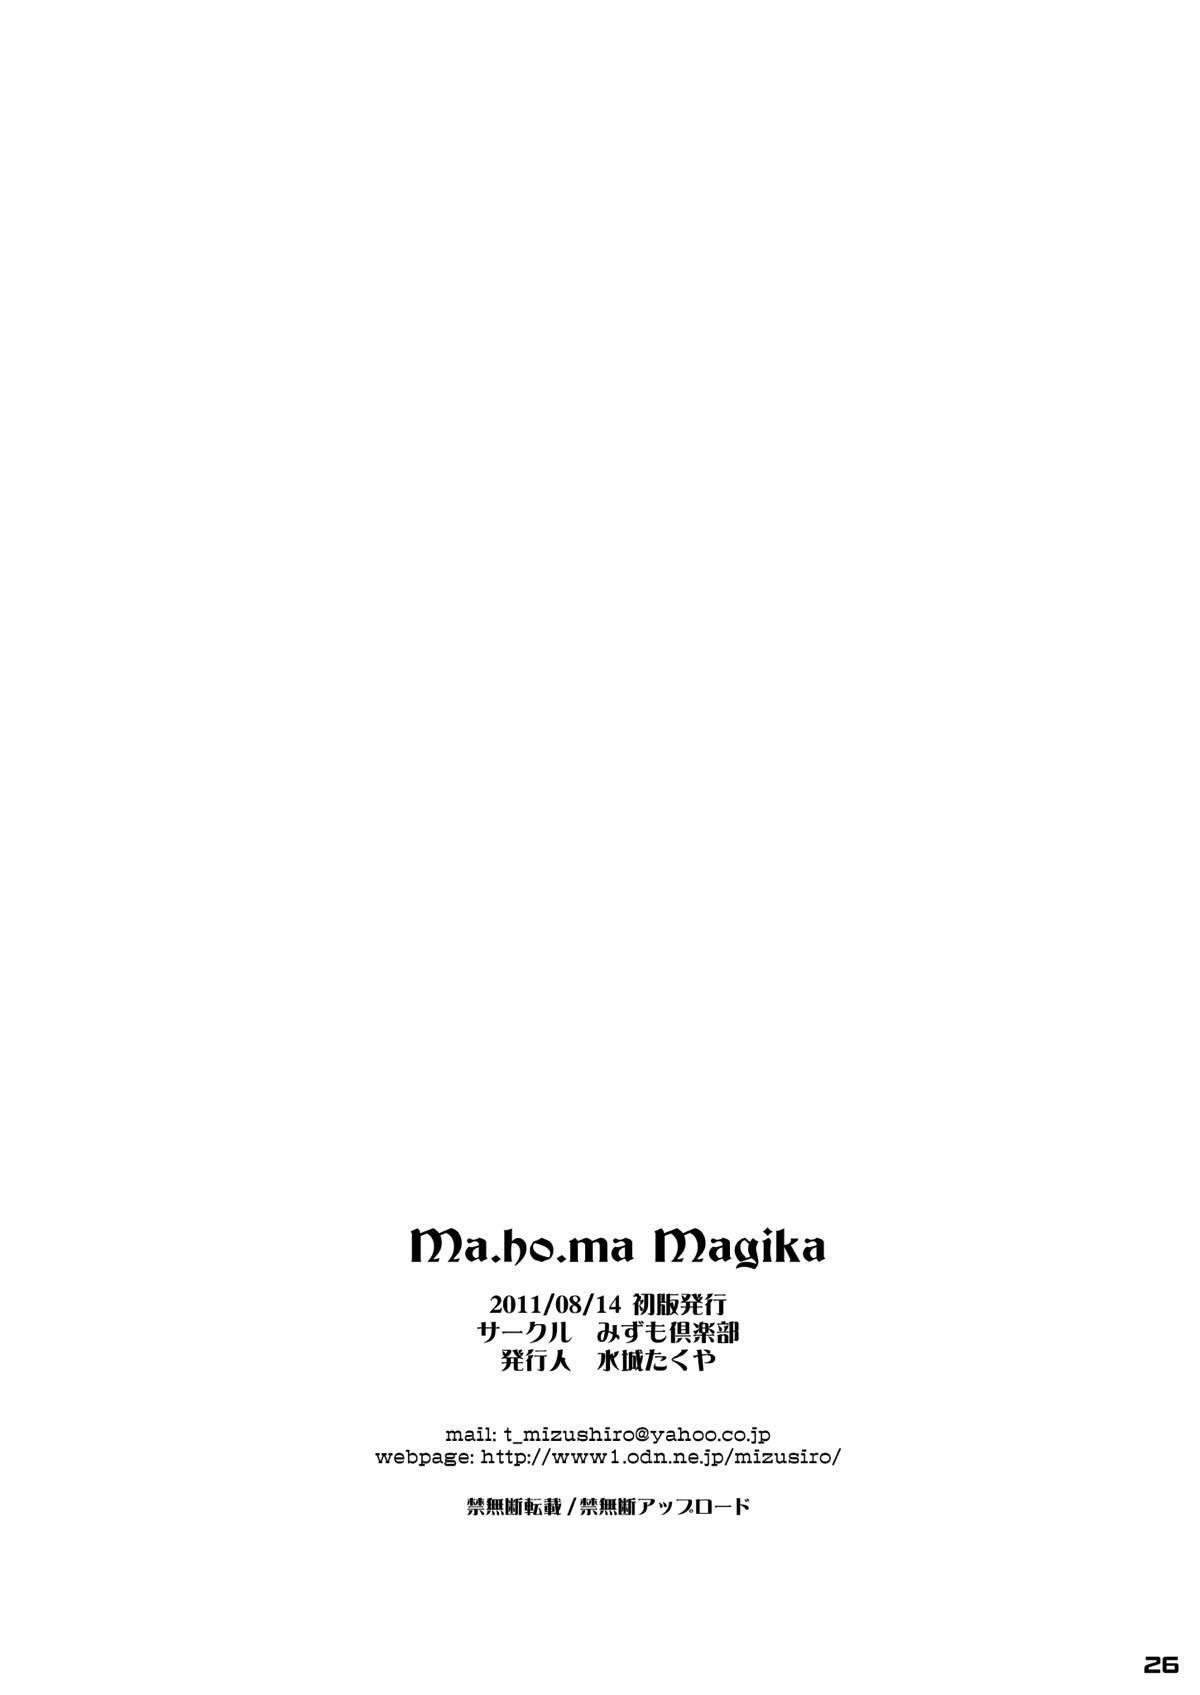 Ma.ho.ma Magika 23